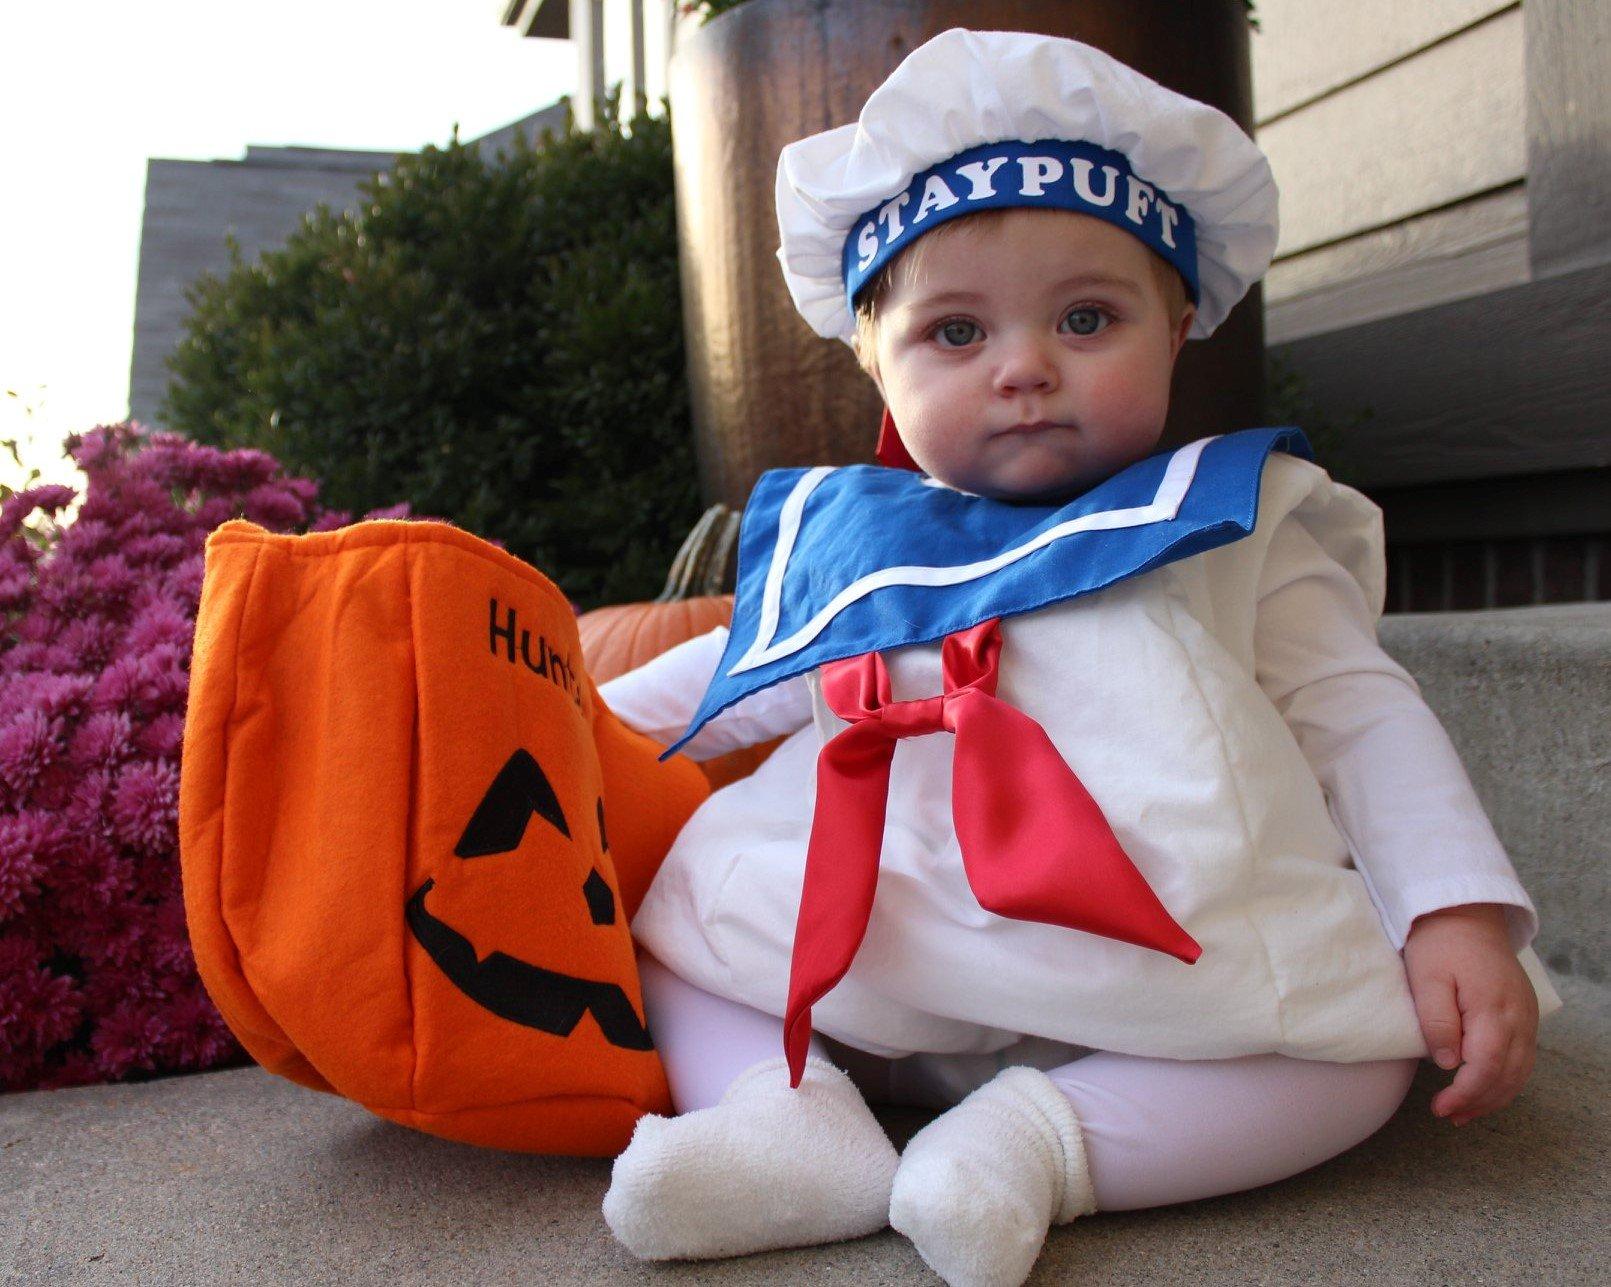 puft costume baby halloween